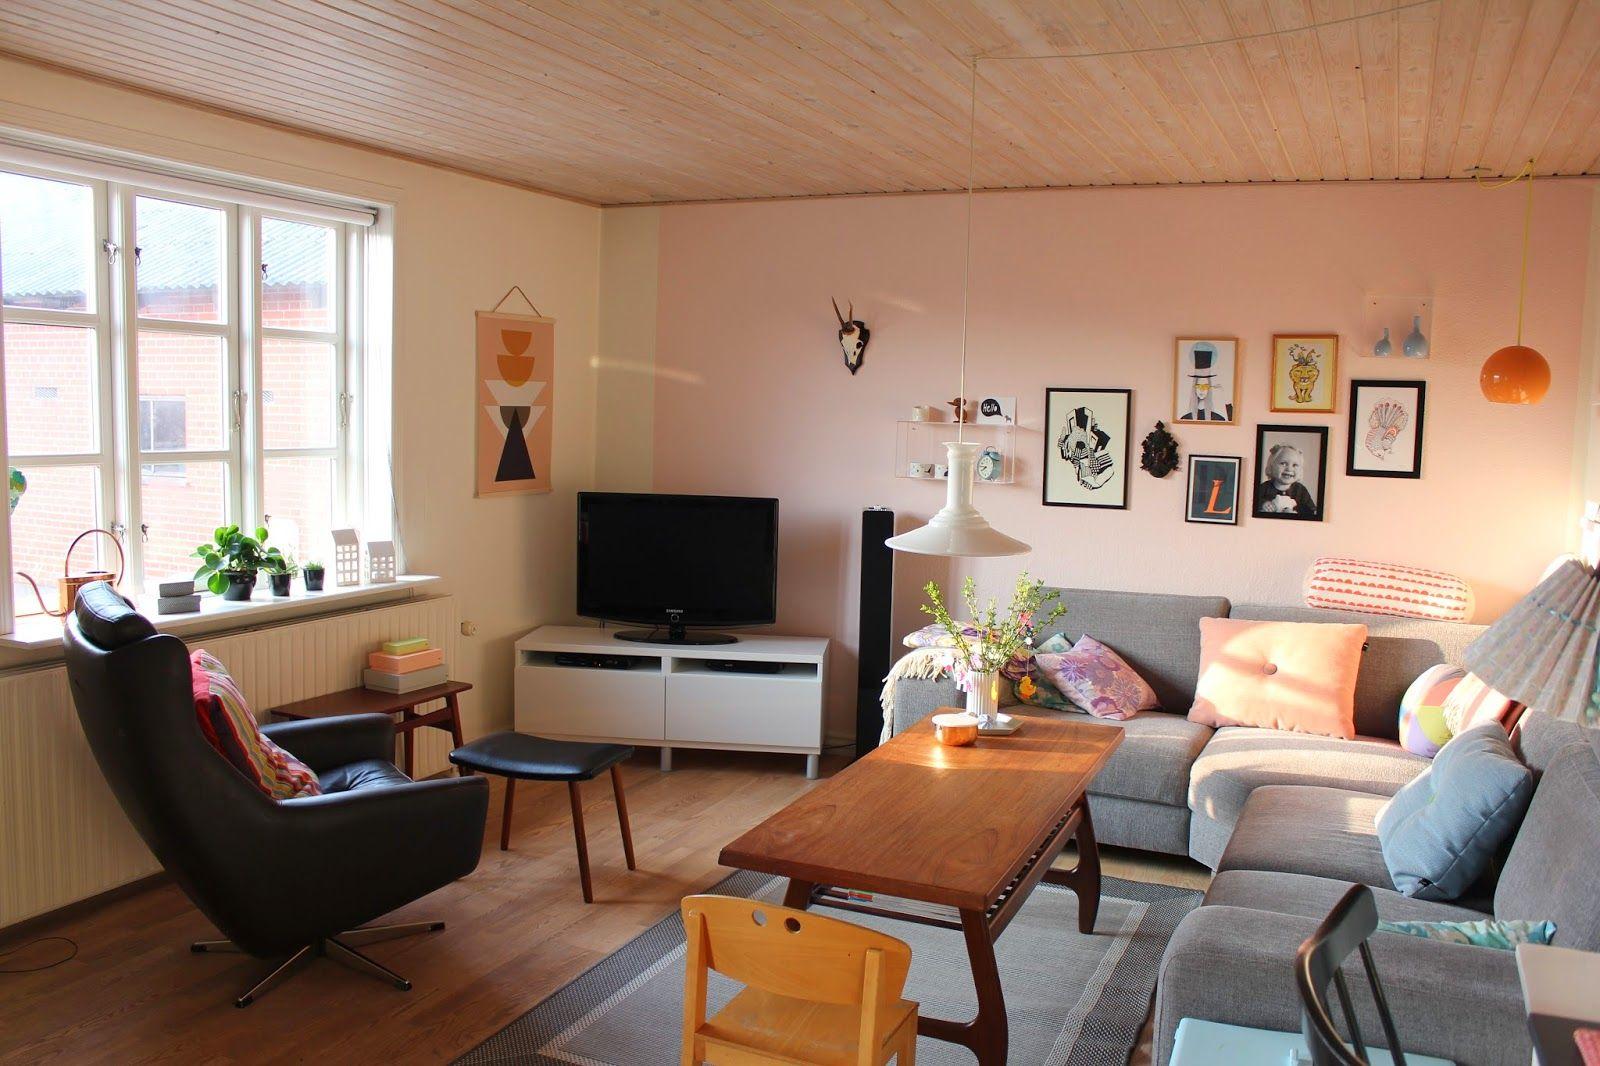 Ævlebævle: Et par nye billeder og et stort skab er flyttet ind i min stue